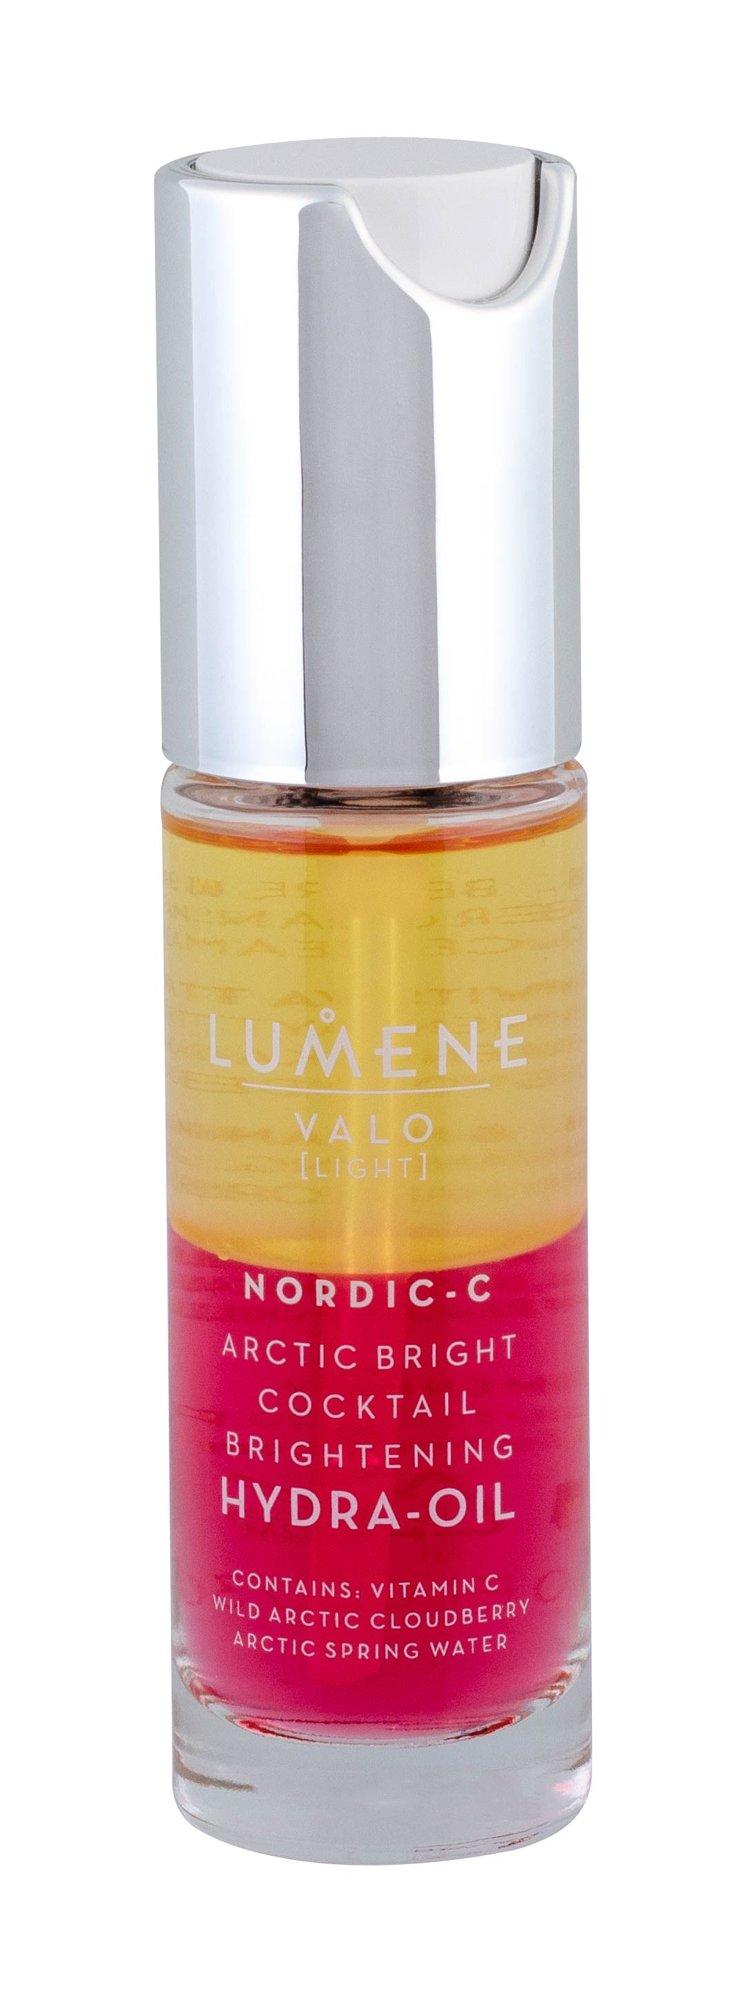 Lumene Valo Skin Serum 30ml